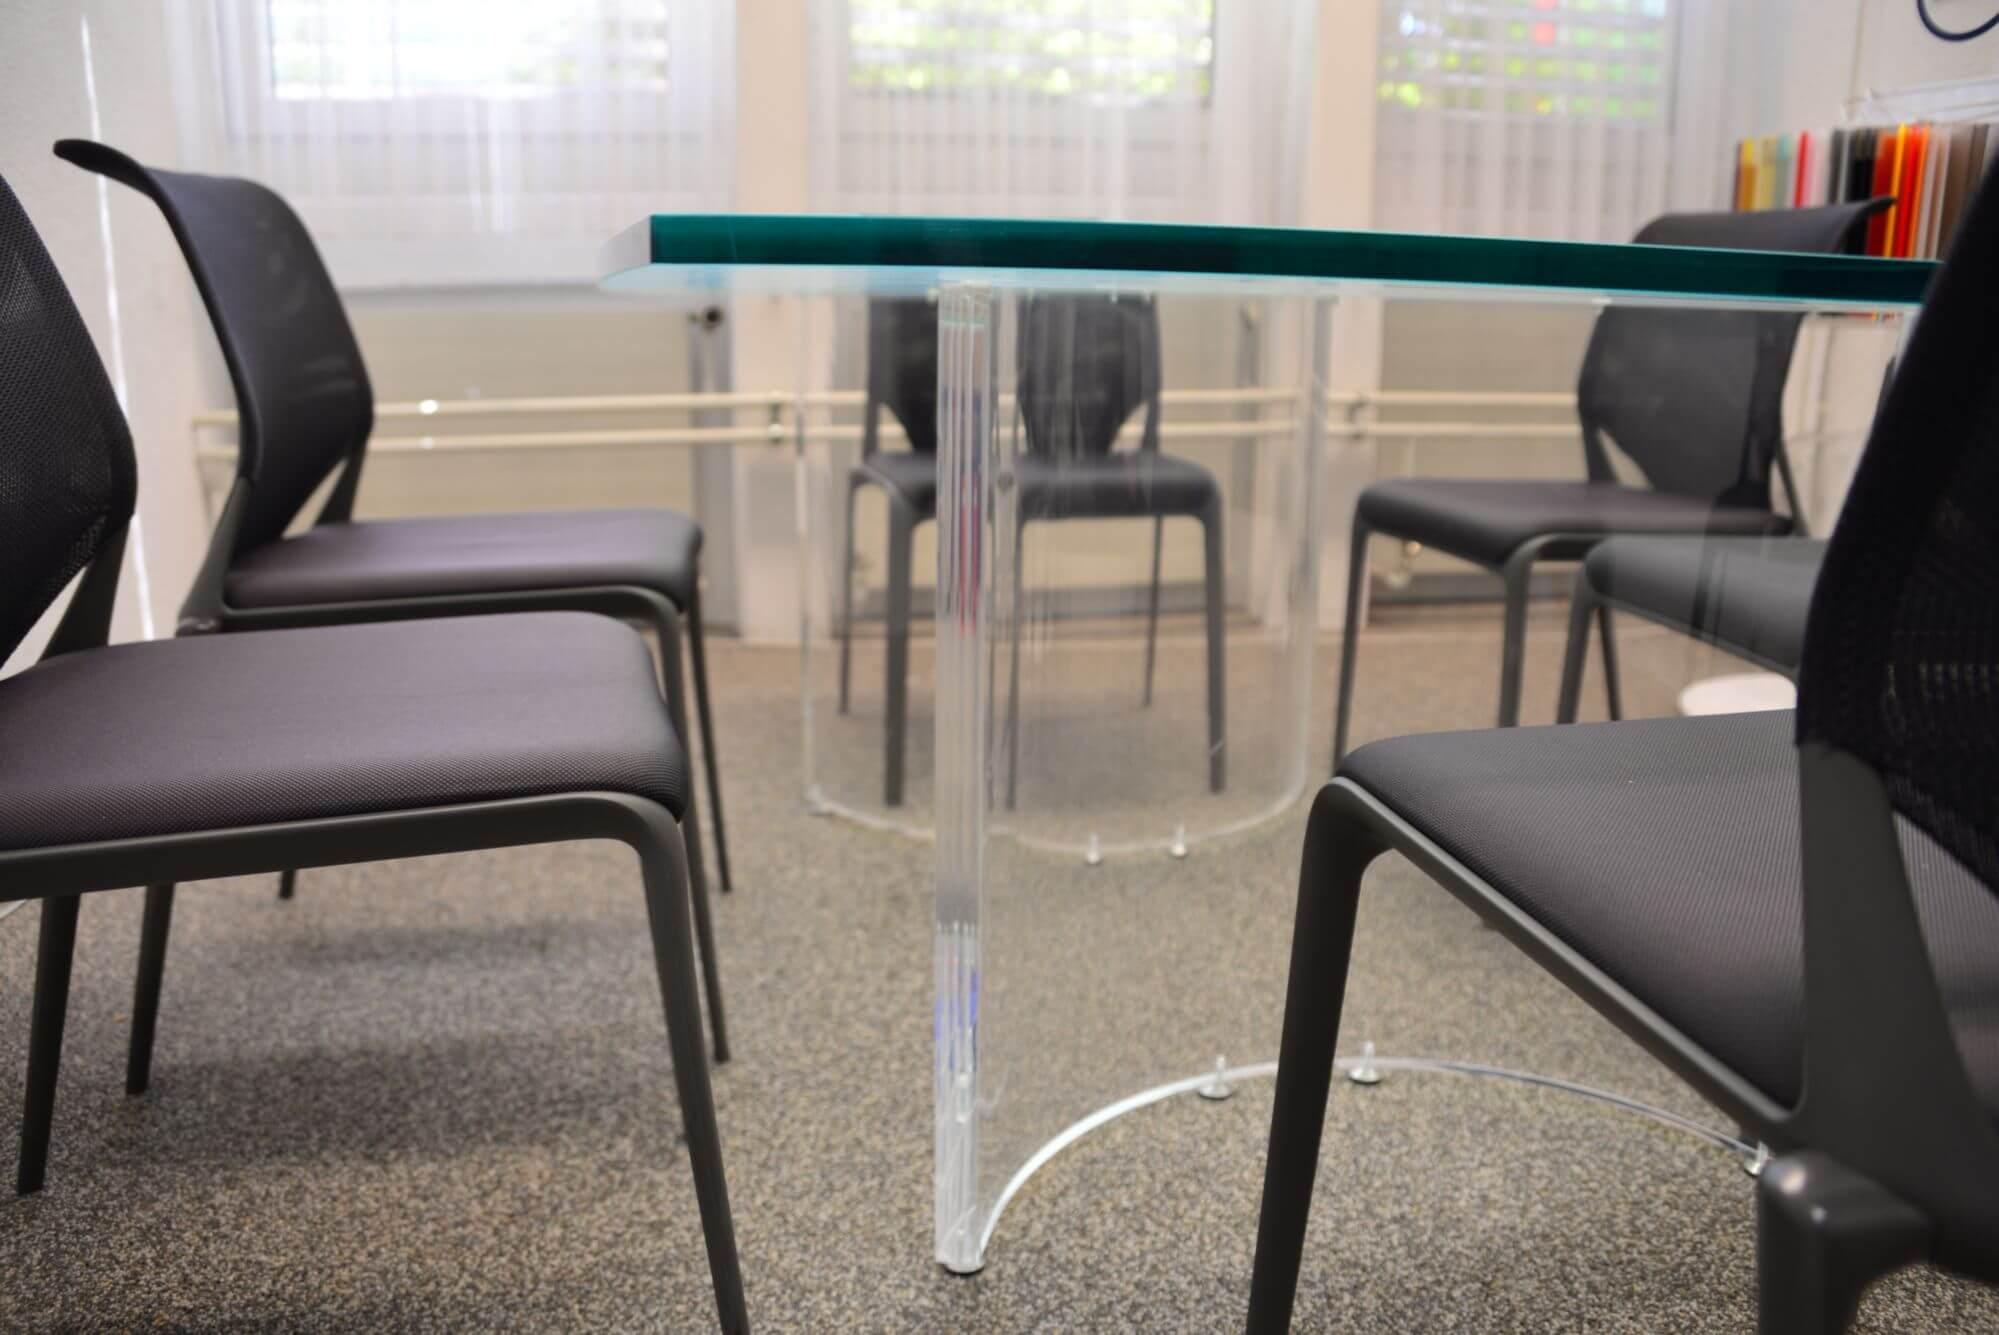 Acryline Objektmöbel (z.B. Sitzungstisch) aus Acrylglas sitzungs-tisch tisch möbel möblierung tische acryl kunststoff spezialanfertigung